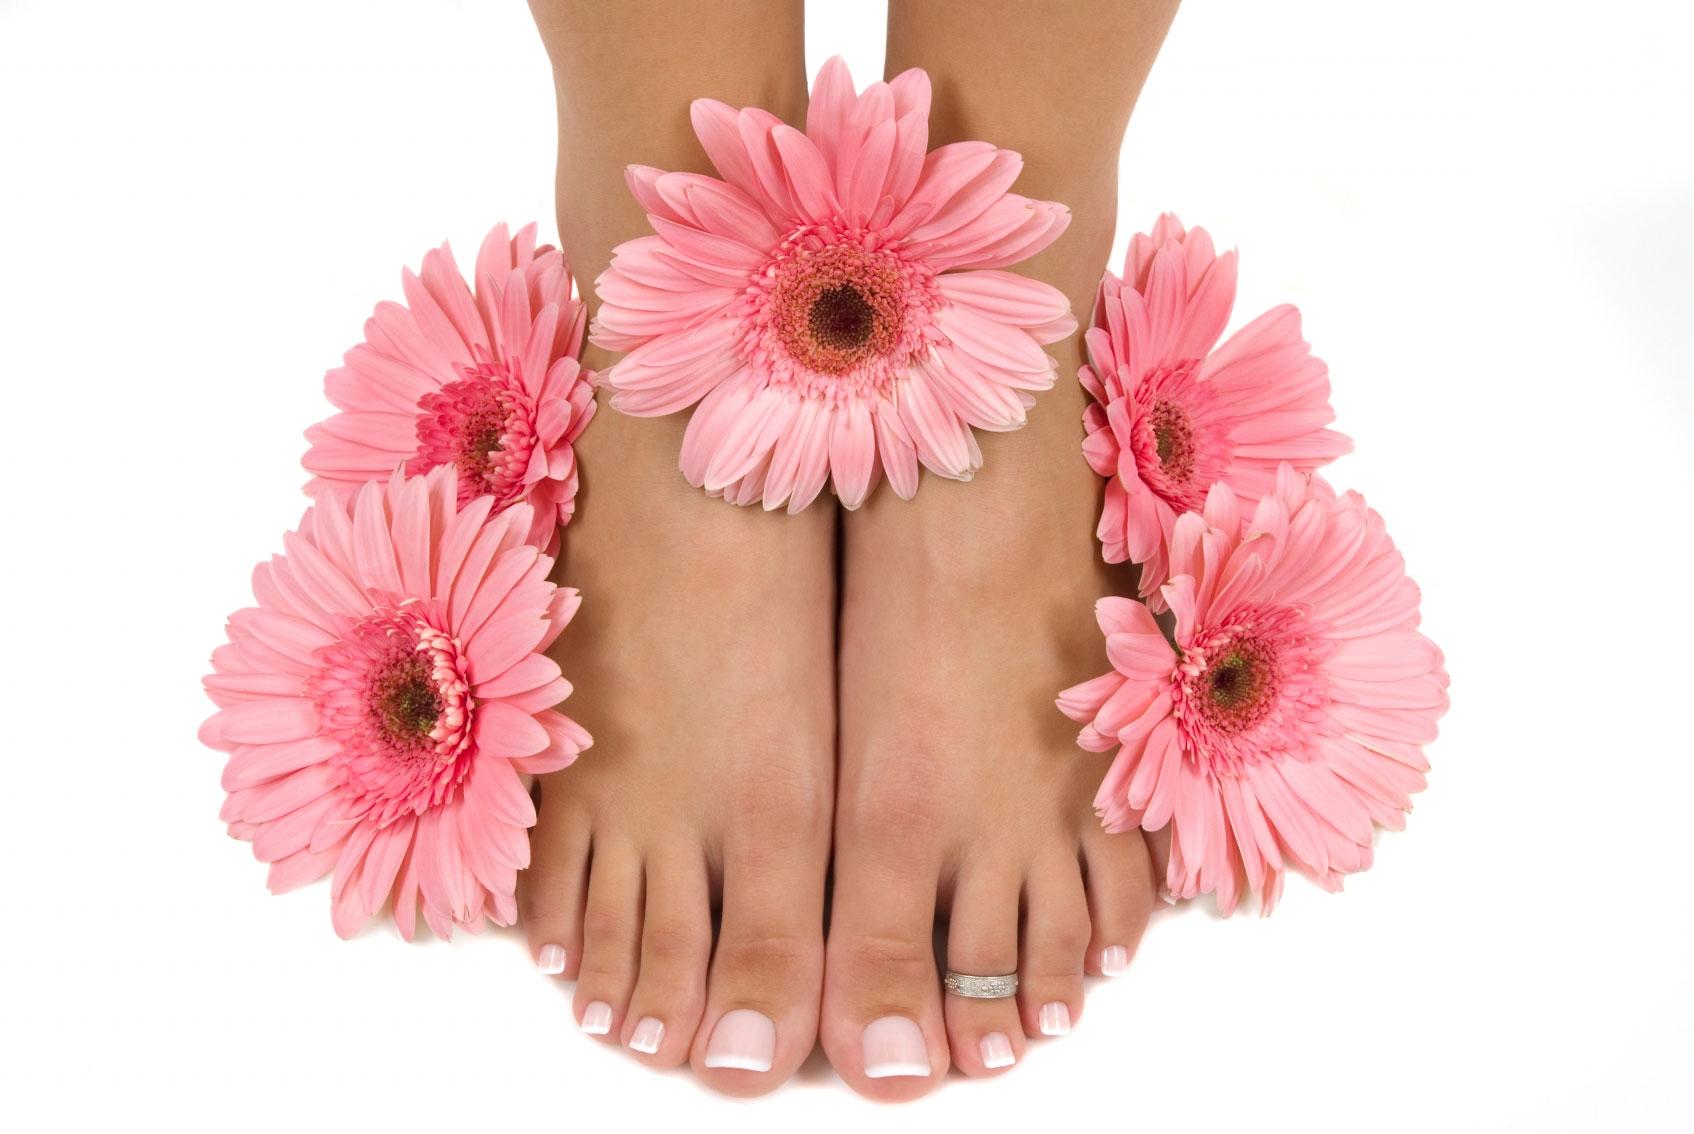 Pleje af fødder